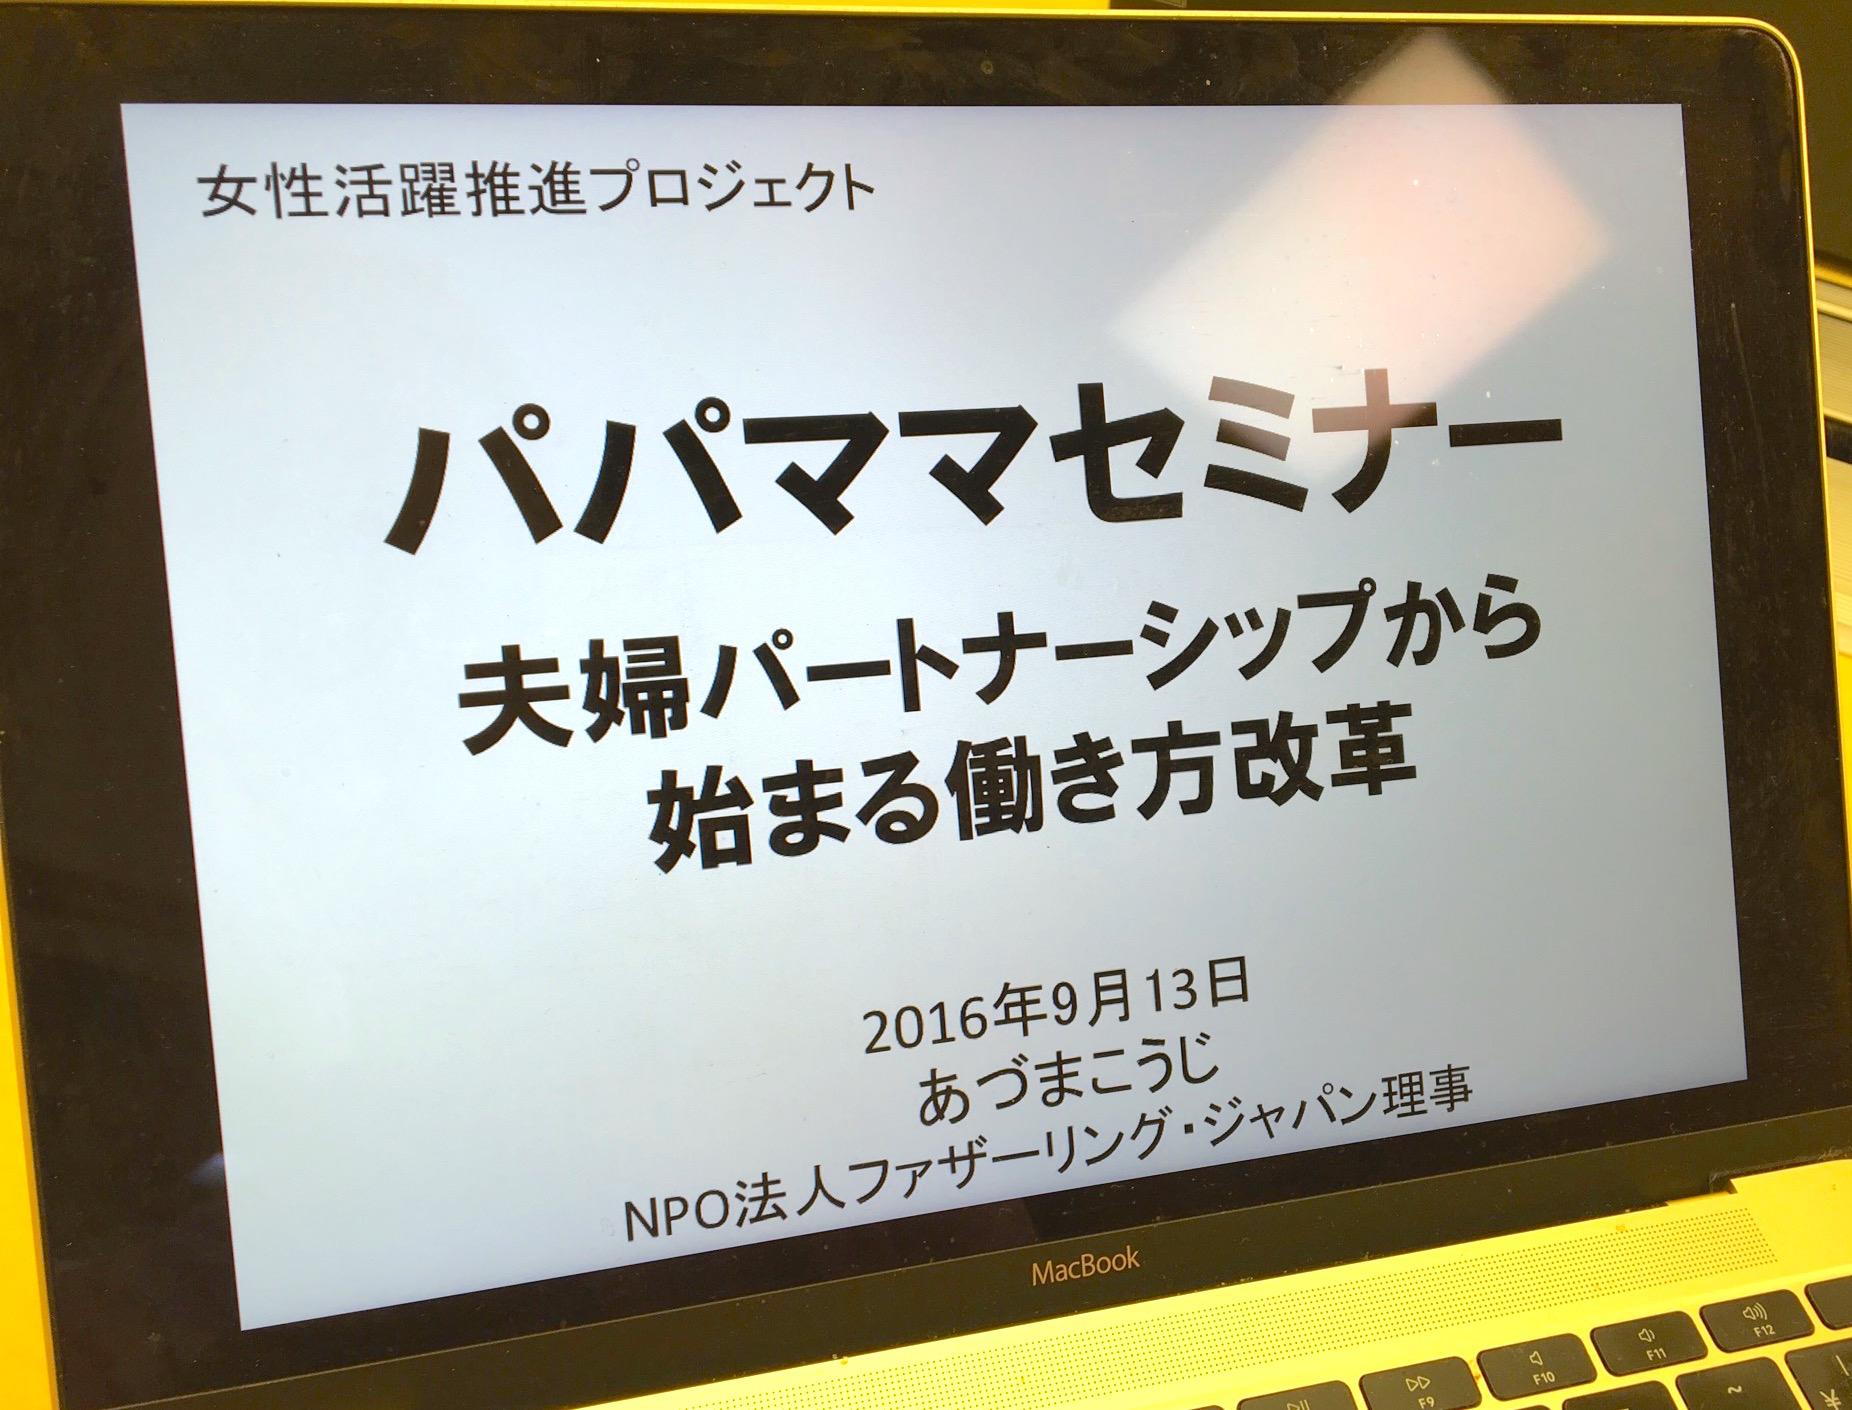 FJフォーラム「このままでいいのか?日本の夫&妻!Living Deadな夫婦関係を考えよう!」8月29日夜